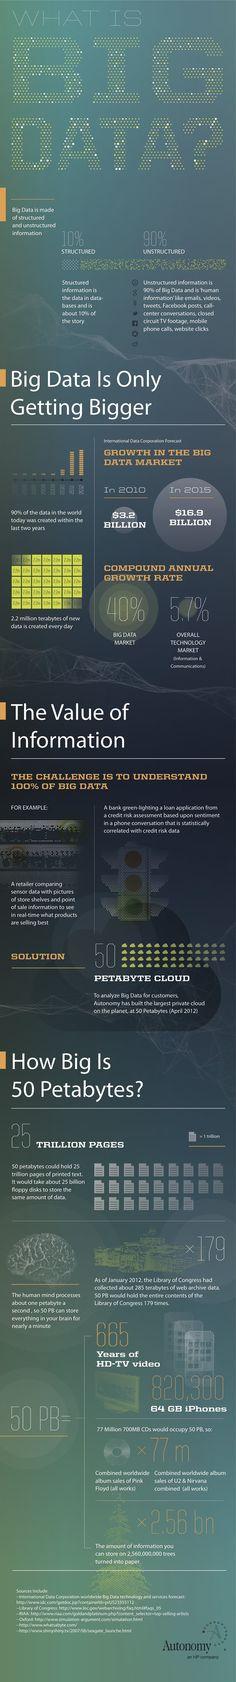 """Qué es Big Data? - Infografía    """"The human mind processes about one petabyte a second...""""    """" procesos por los cuales se recopilan y analizan grandes cantidades de datos de forma estructurada y no estructurada, procedentes de varias fuentes, de modo que seamos capaces de conseguir información relevante de gran valor estratégico y táctico para nuestros objetivos, sean de negocio, sociales, o de índole particular y específico para nuestra empresa."""""""